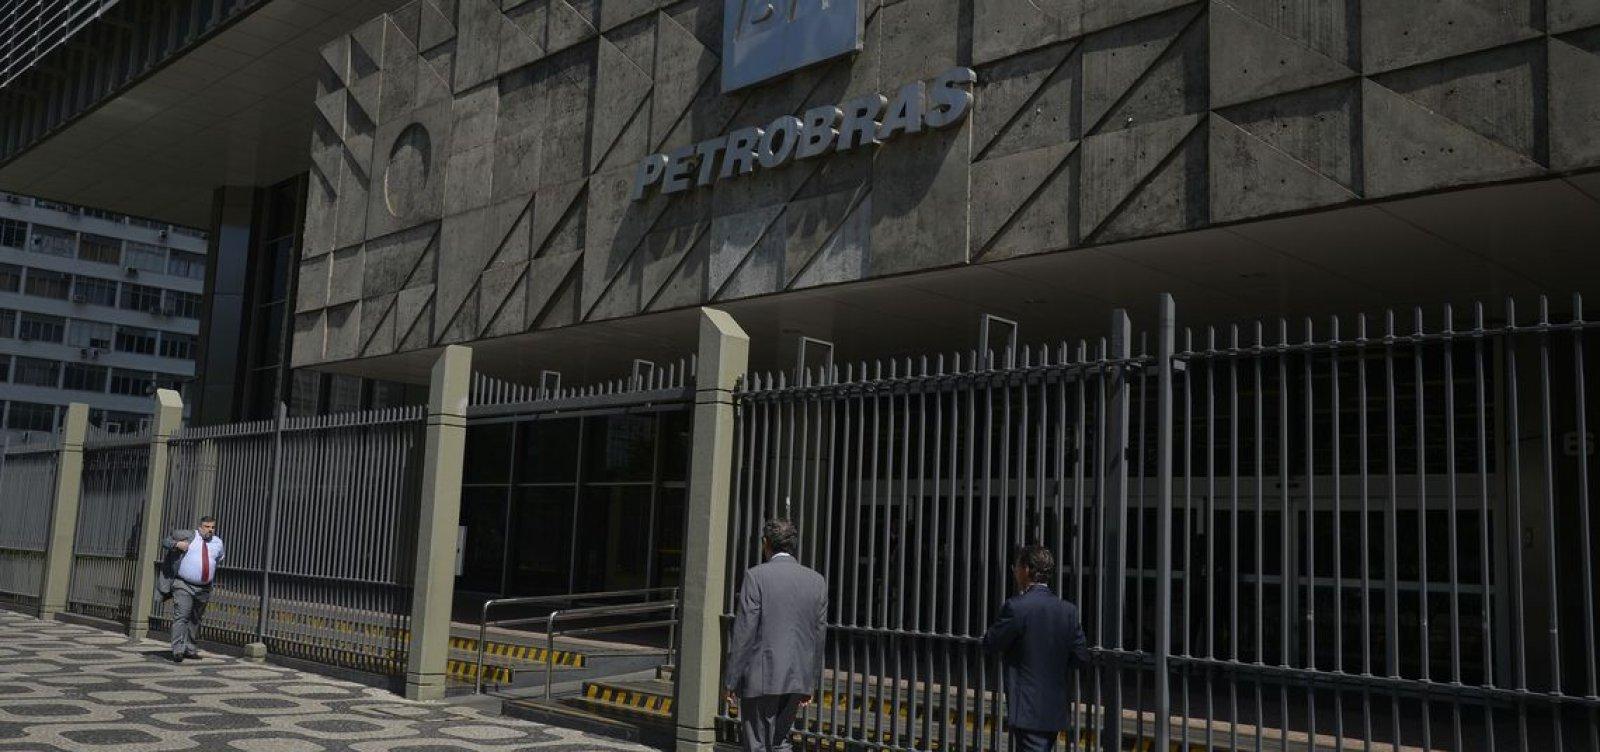 [Petrobras reduz preço da gasolina e diesel nas refinarias]